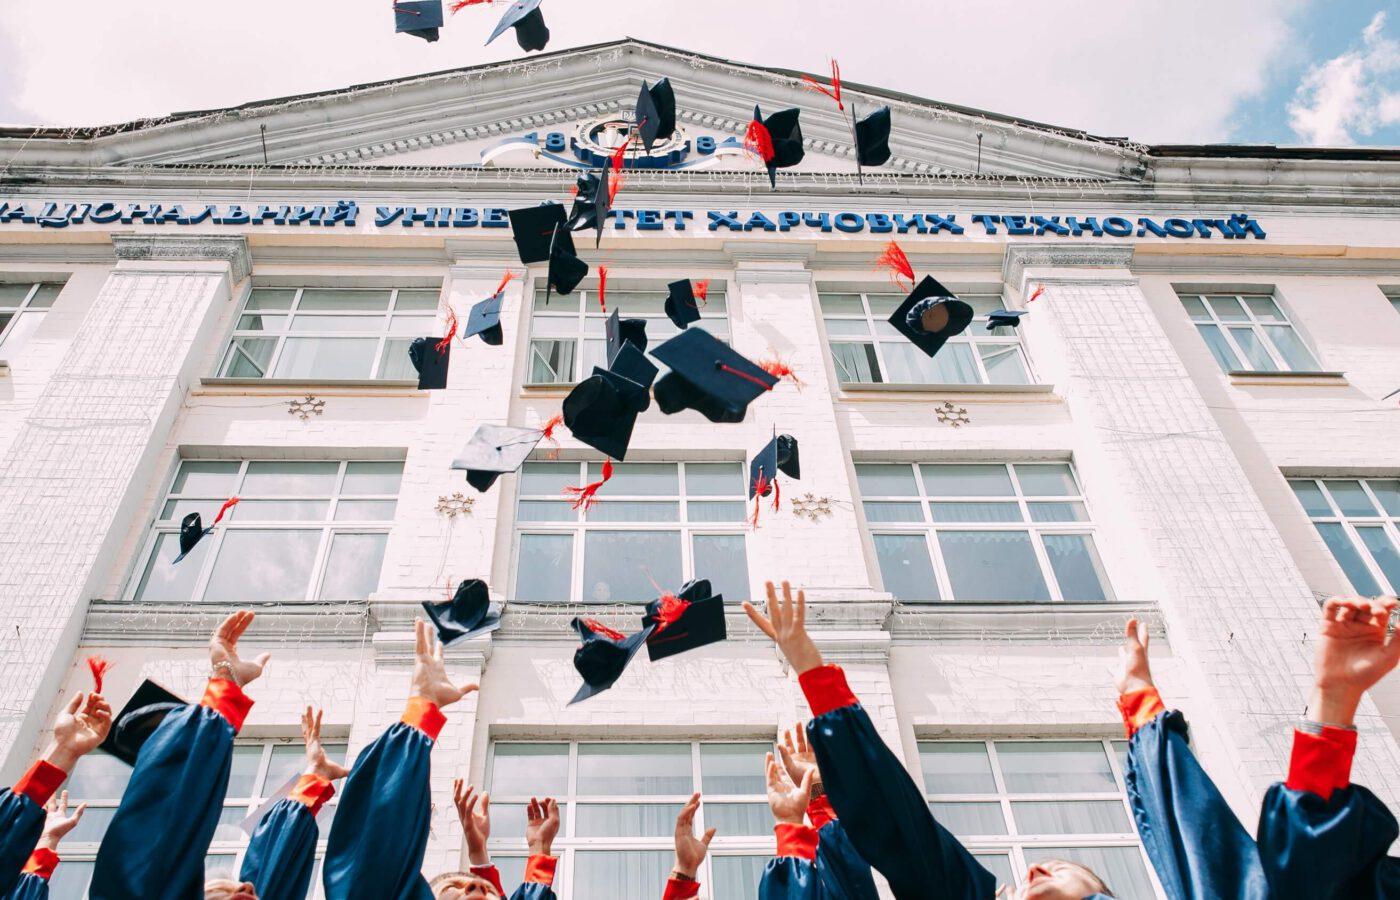 Kuvassa heitetään valmistujaislakkeja ilmaan koulun edessä.